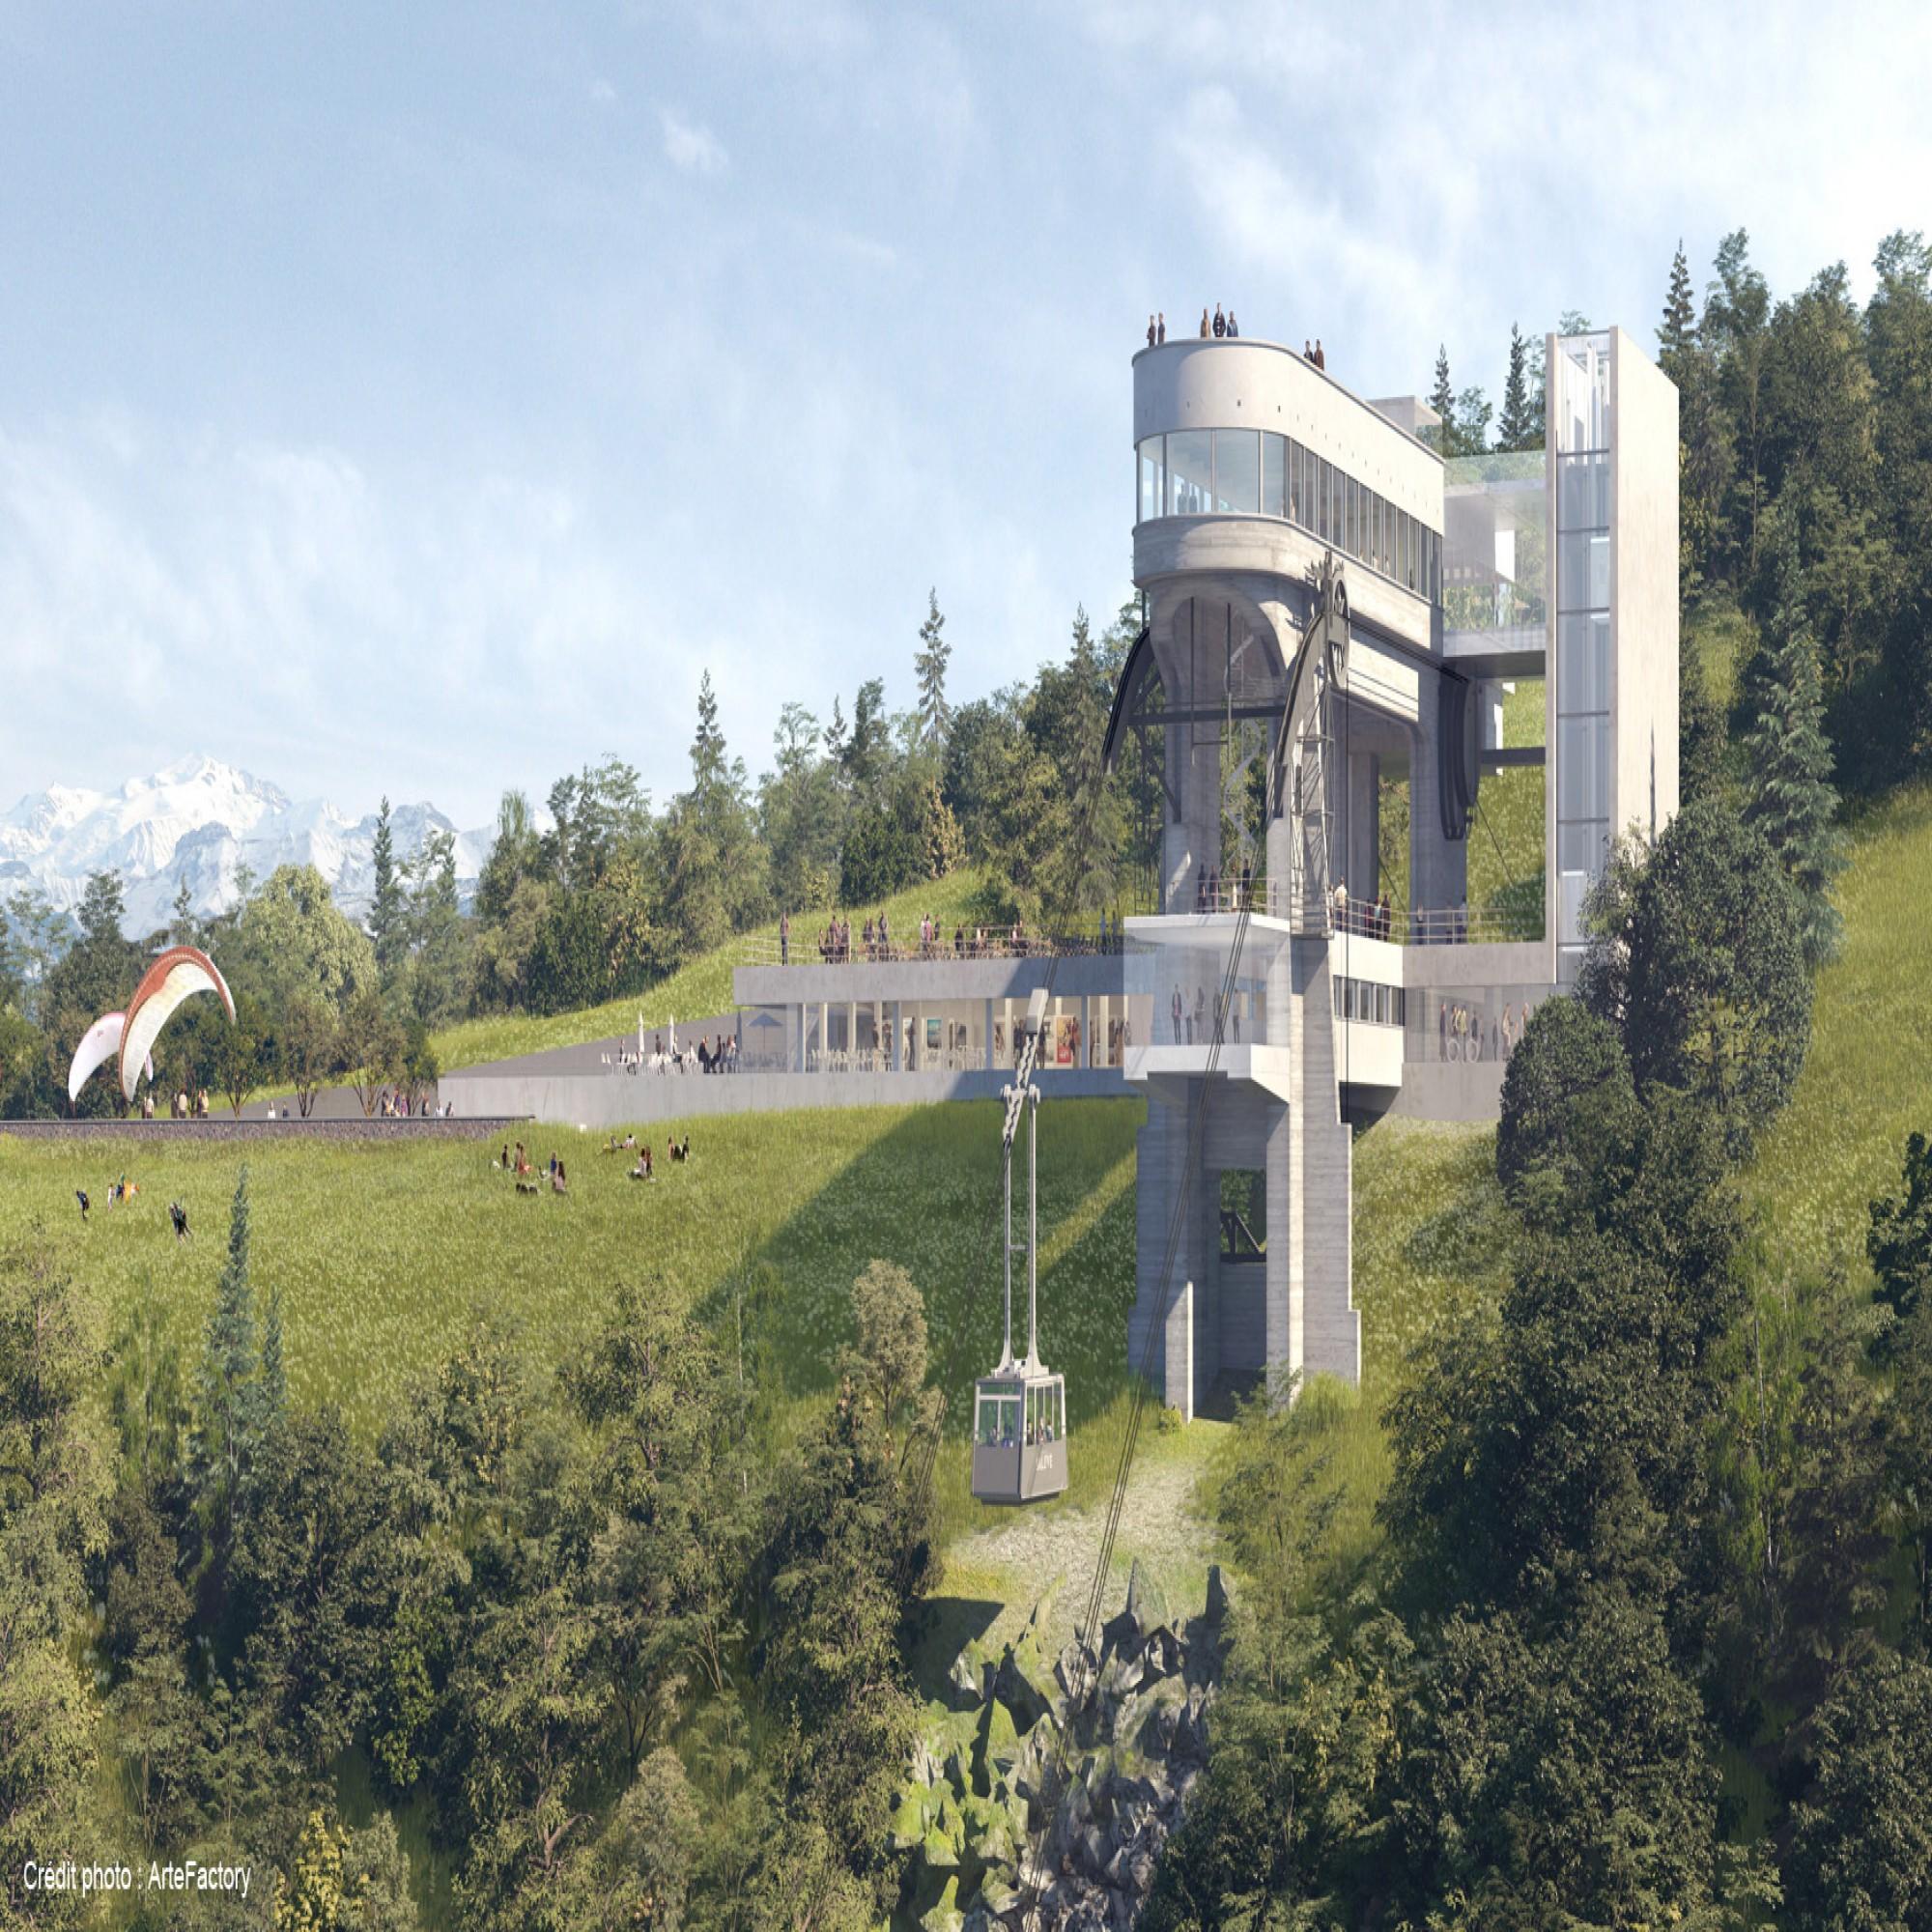 Une terrasse viendra surplomber la nouvelle station d'arrivée du salève dévoilant une vue panoramique.